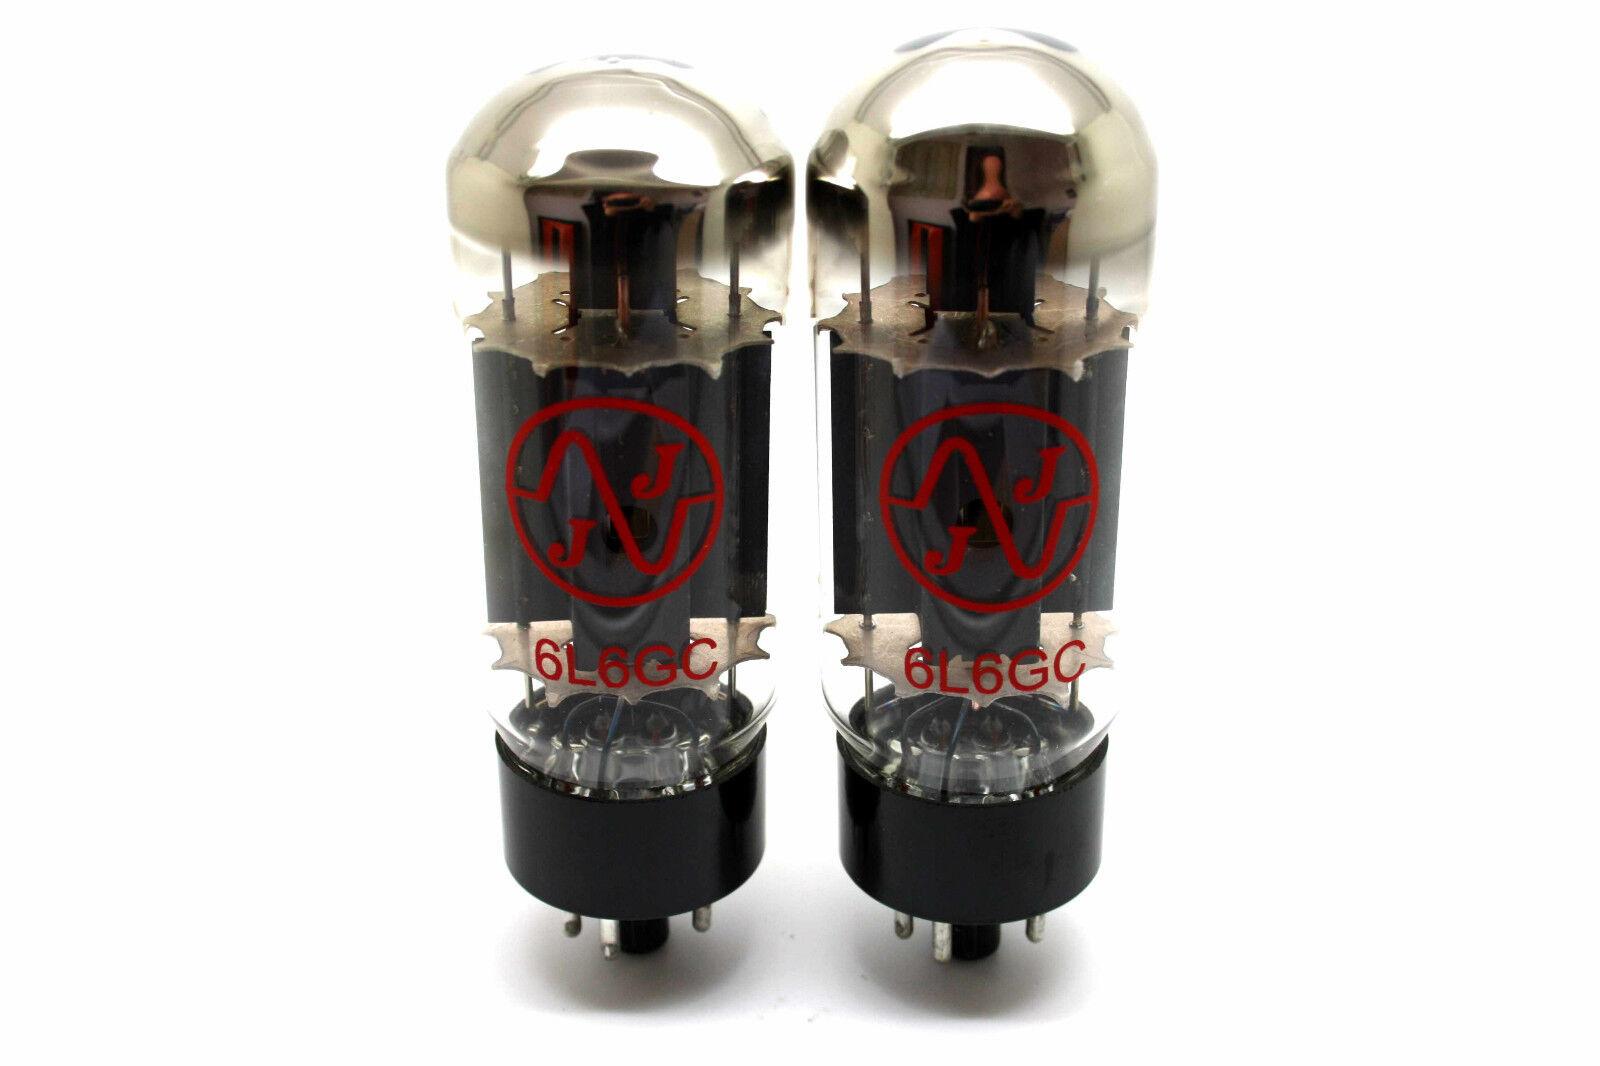 prodotto di qualità JJ 6L6GC 6L6 6L6 6L6 MATCHED PAIR VACUUM TUBES AMP TESTED  in vendita